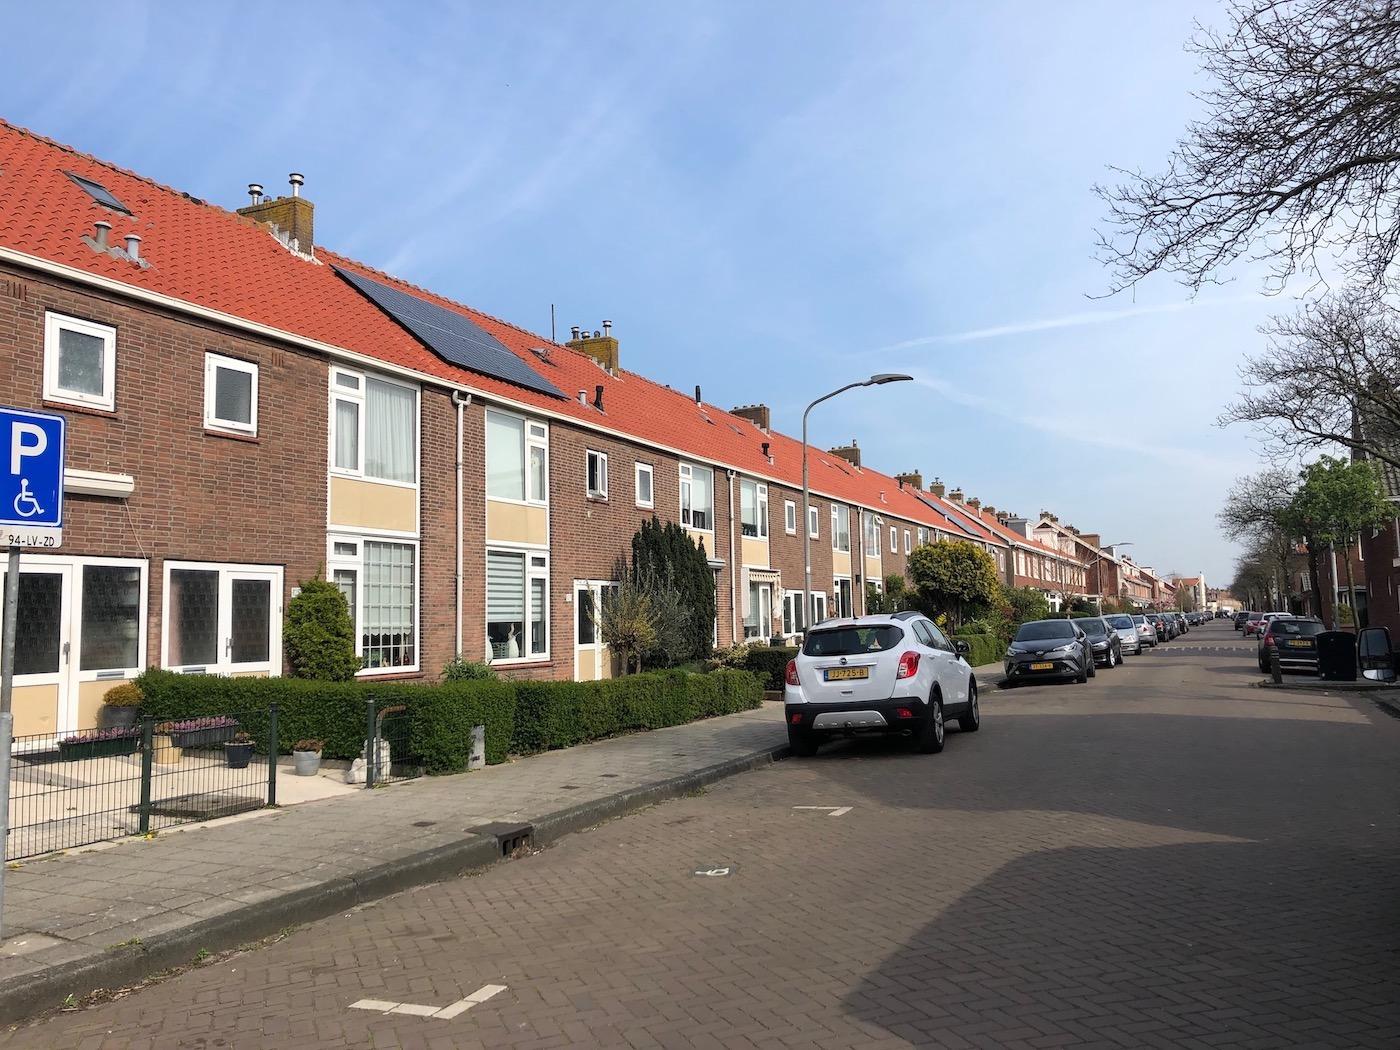 Vondelkwartier Haarlem noord wonen in de Leeuwendalersstraat